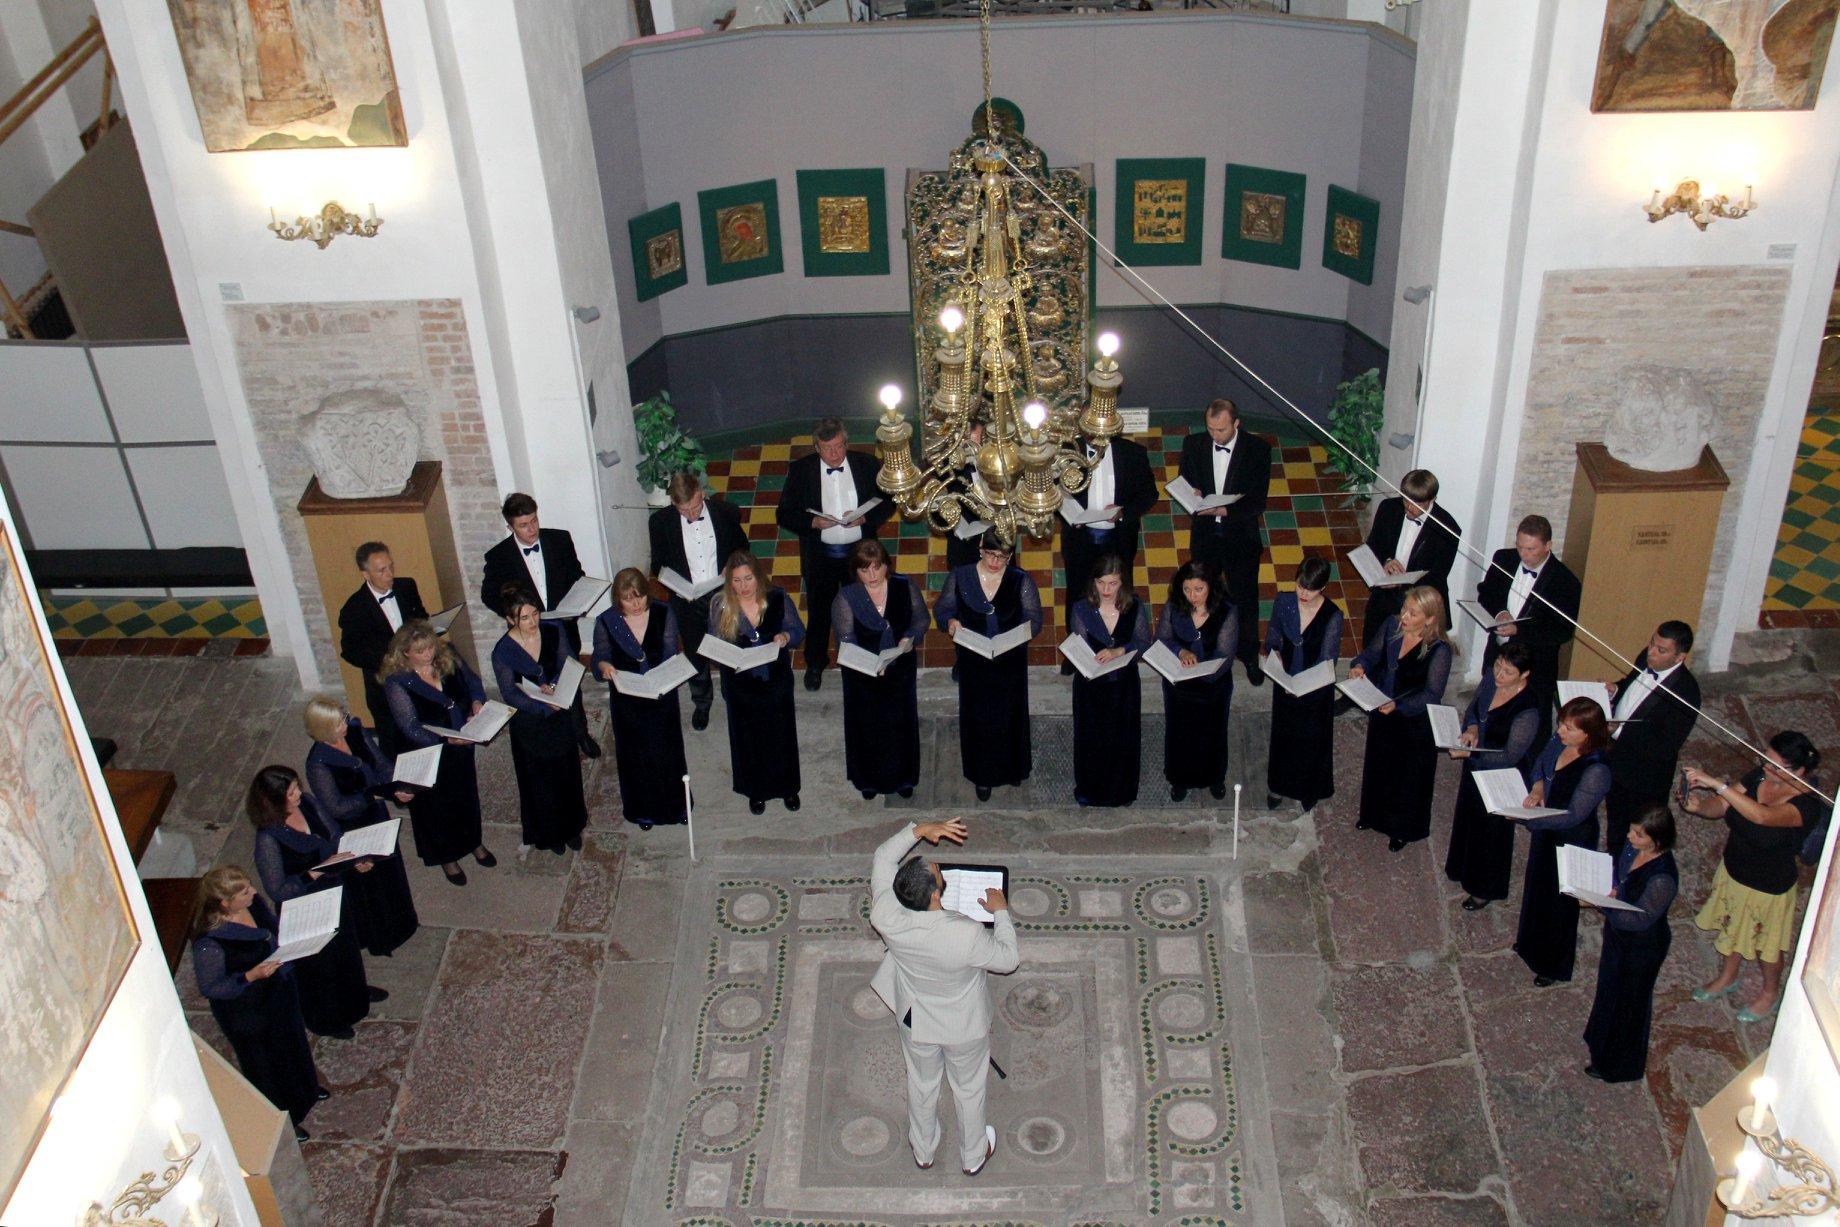 Хор Бортнянського виступив із концертною програмою у Борисоглібському соборі (Фото)